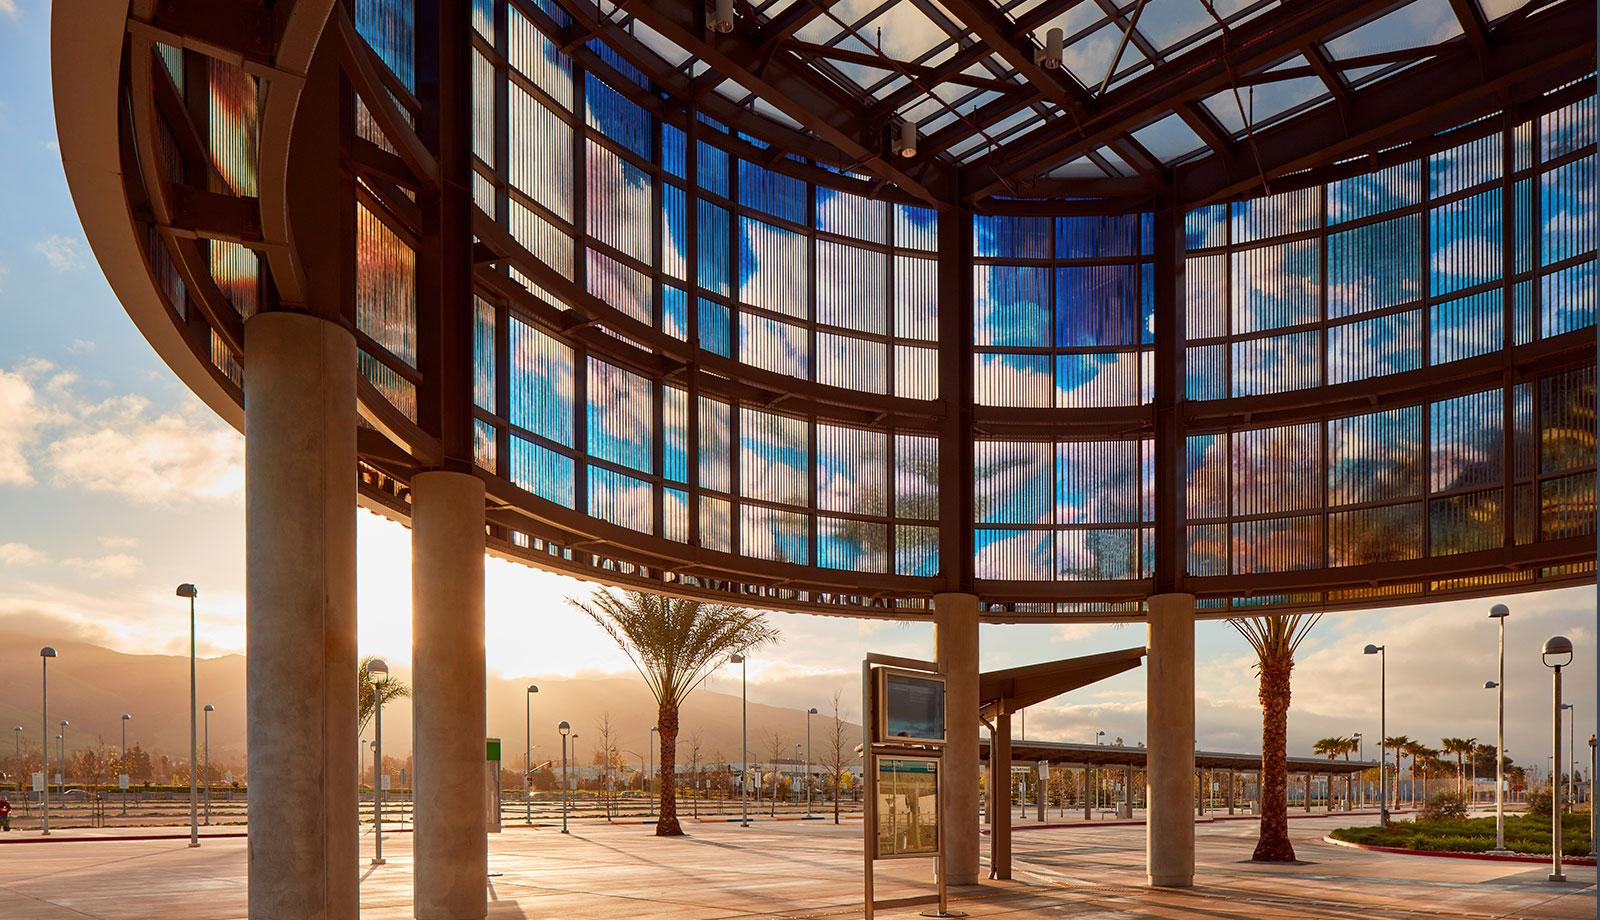 CODAMAGAZINE: Architectural Art II cover image